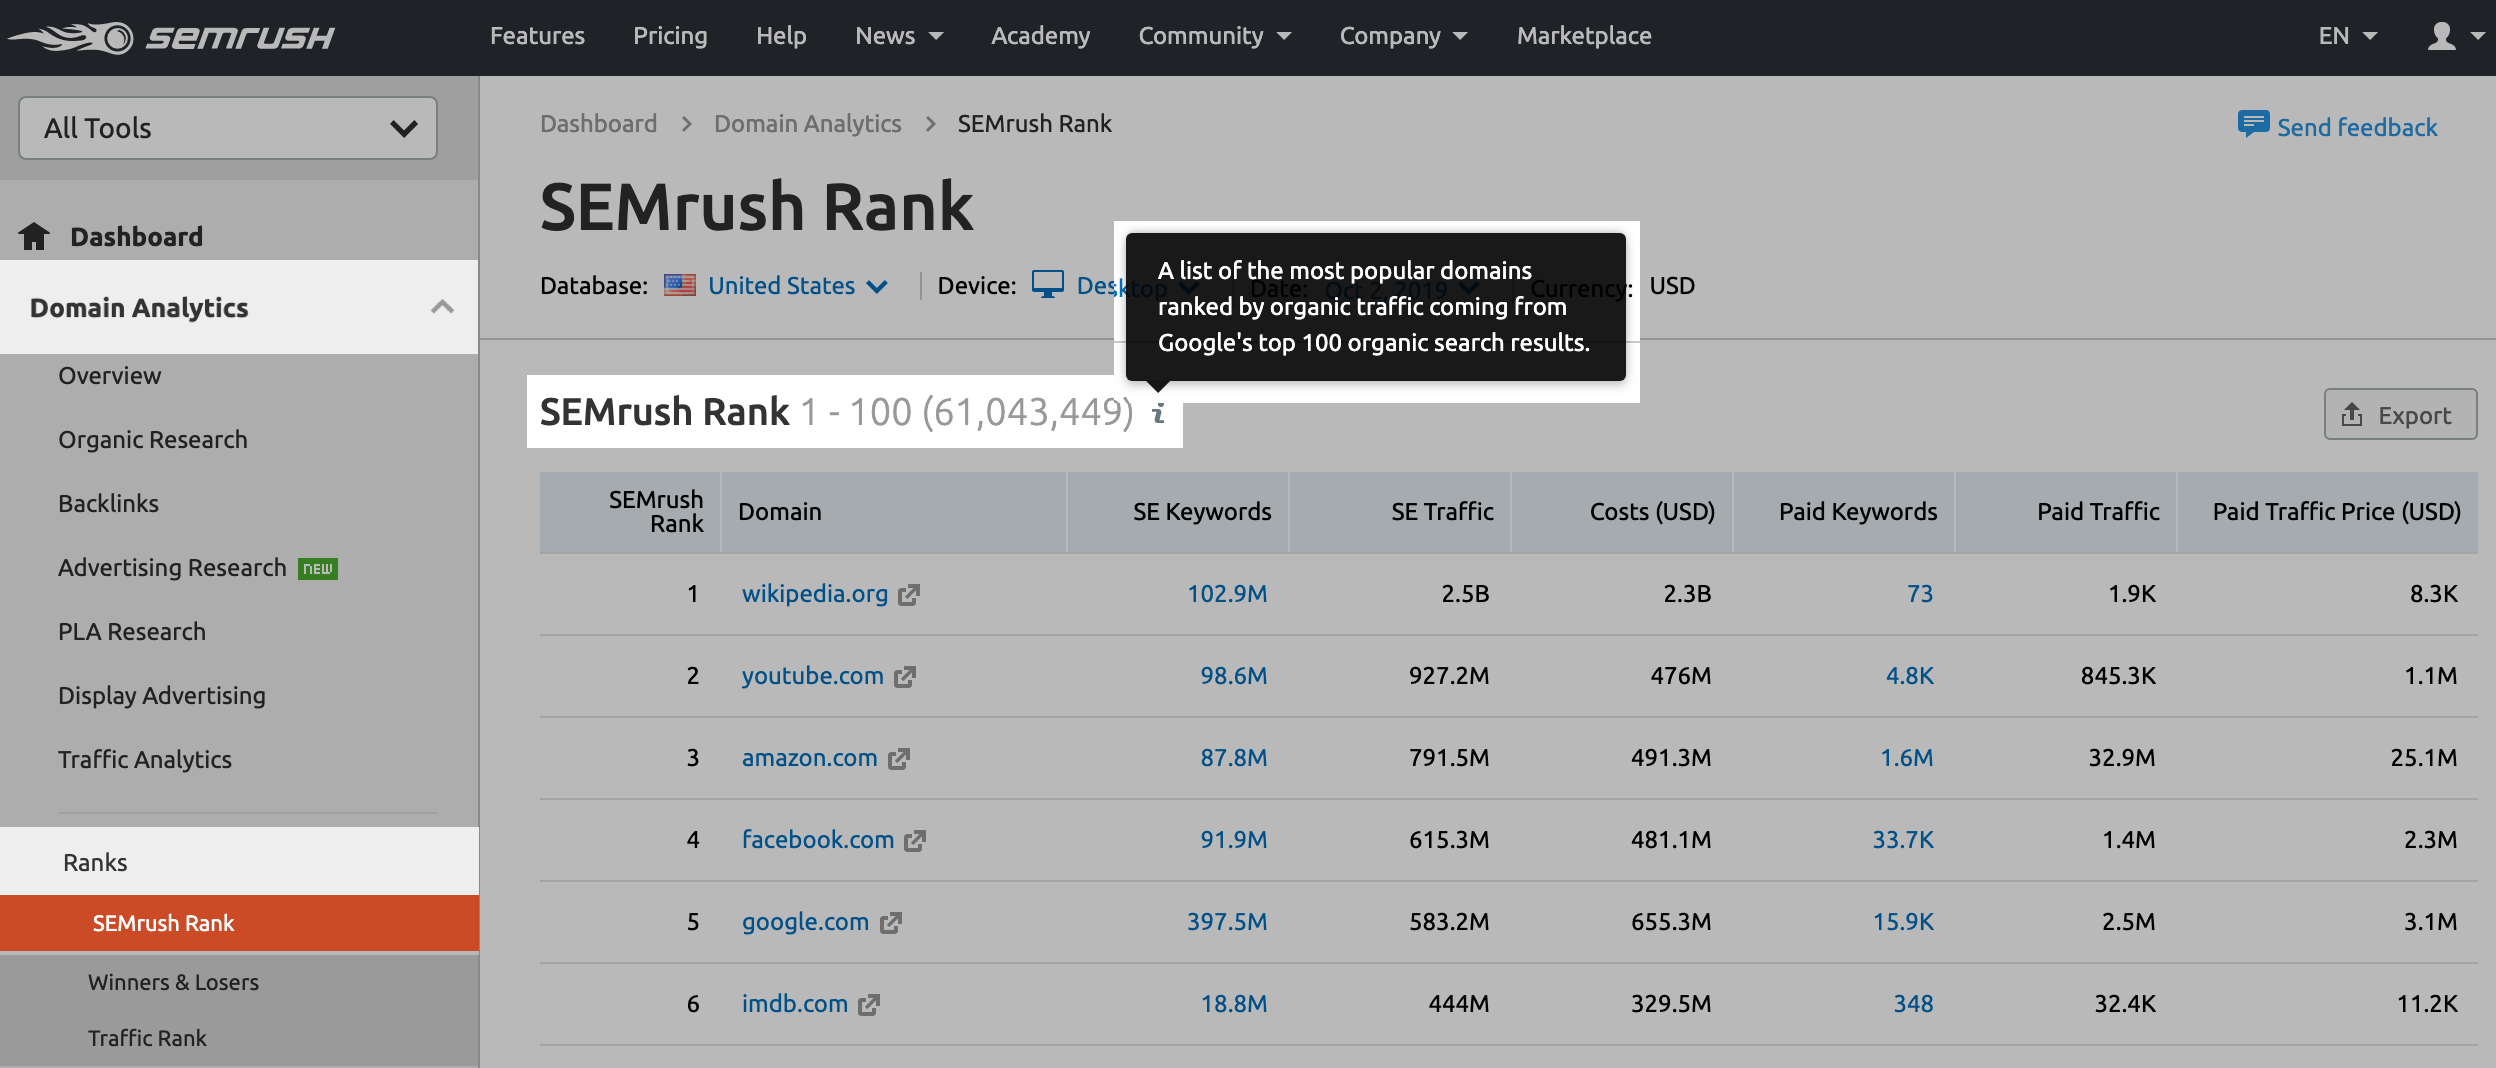 semrush rank image